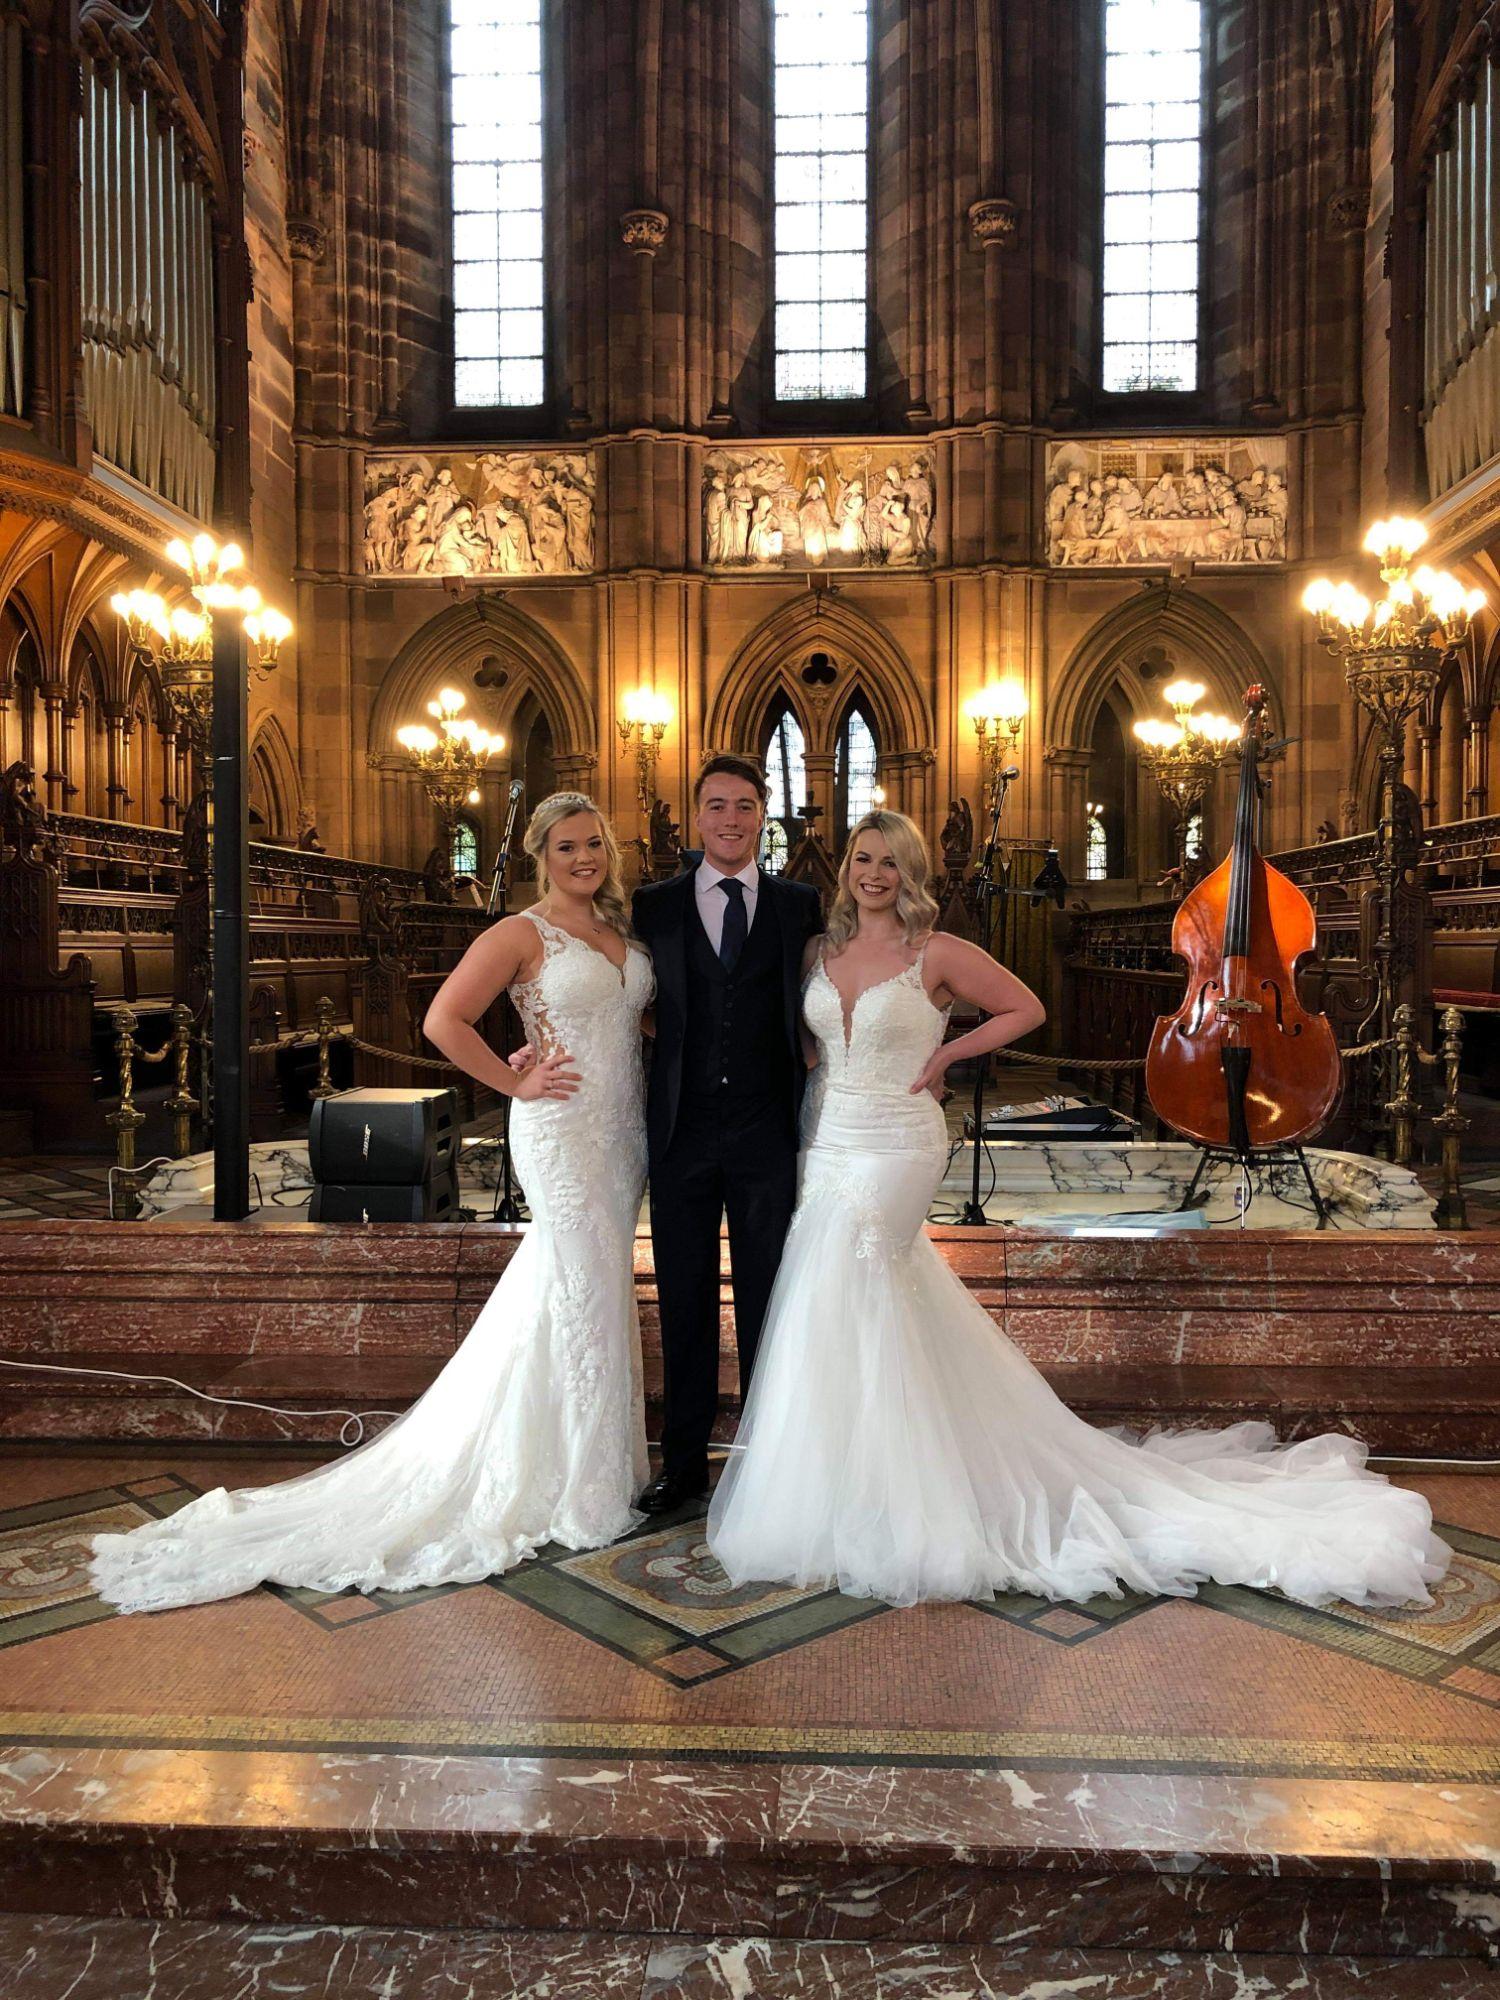 Coates Wedding Fayre (3.1)